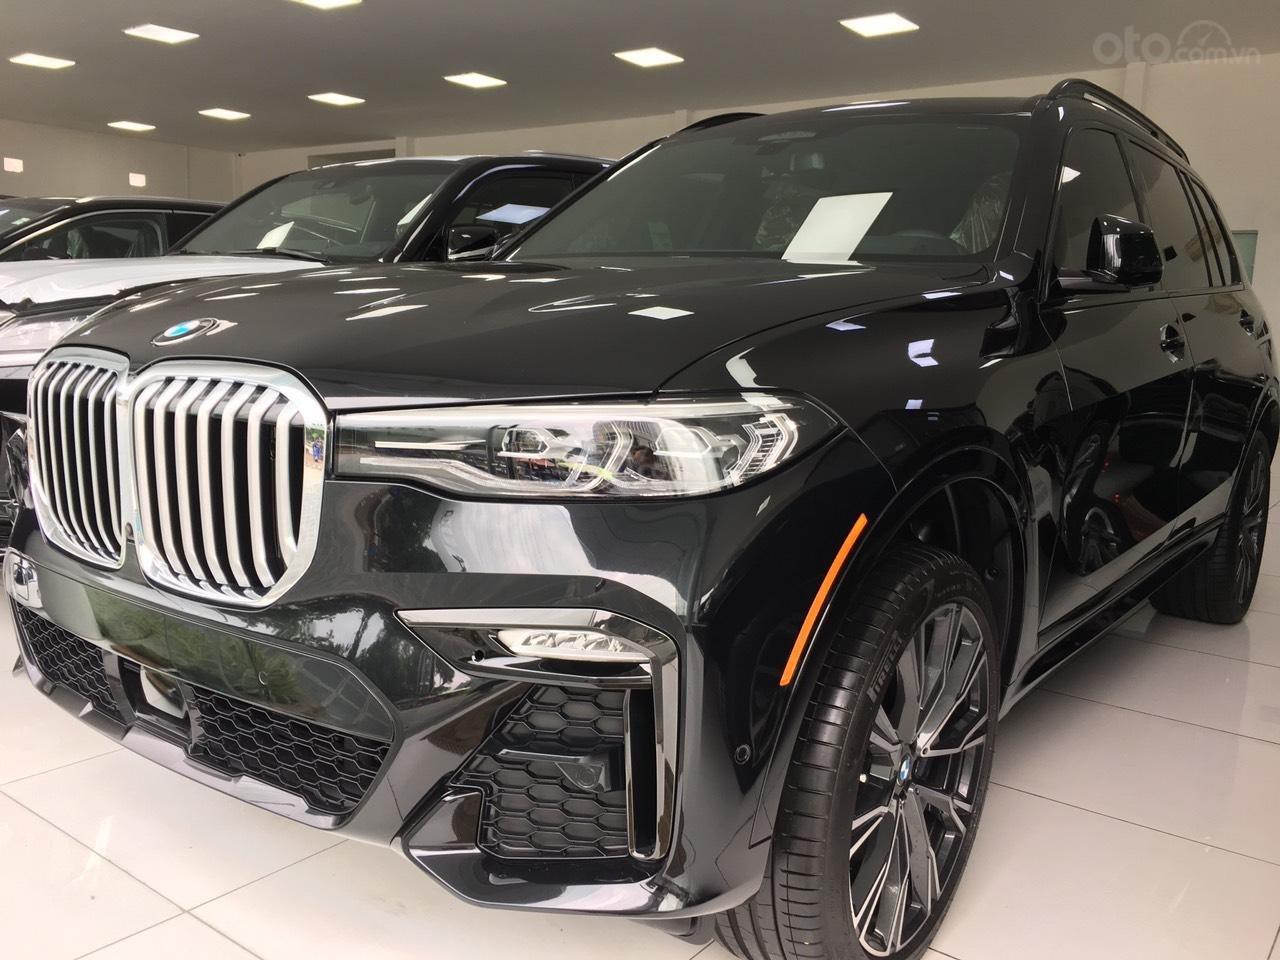 Bán xe BMW X7 xDrive 40i đời 2020, giá tốt, giao ngay toàn quốc - LH 093.996.2368 Ms. Ngọc Vy (6)